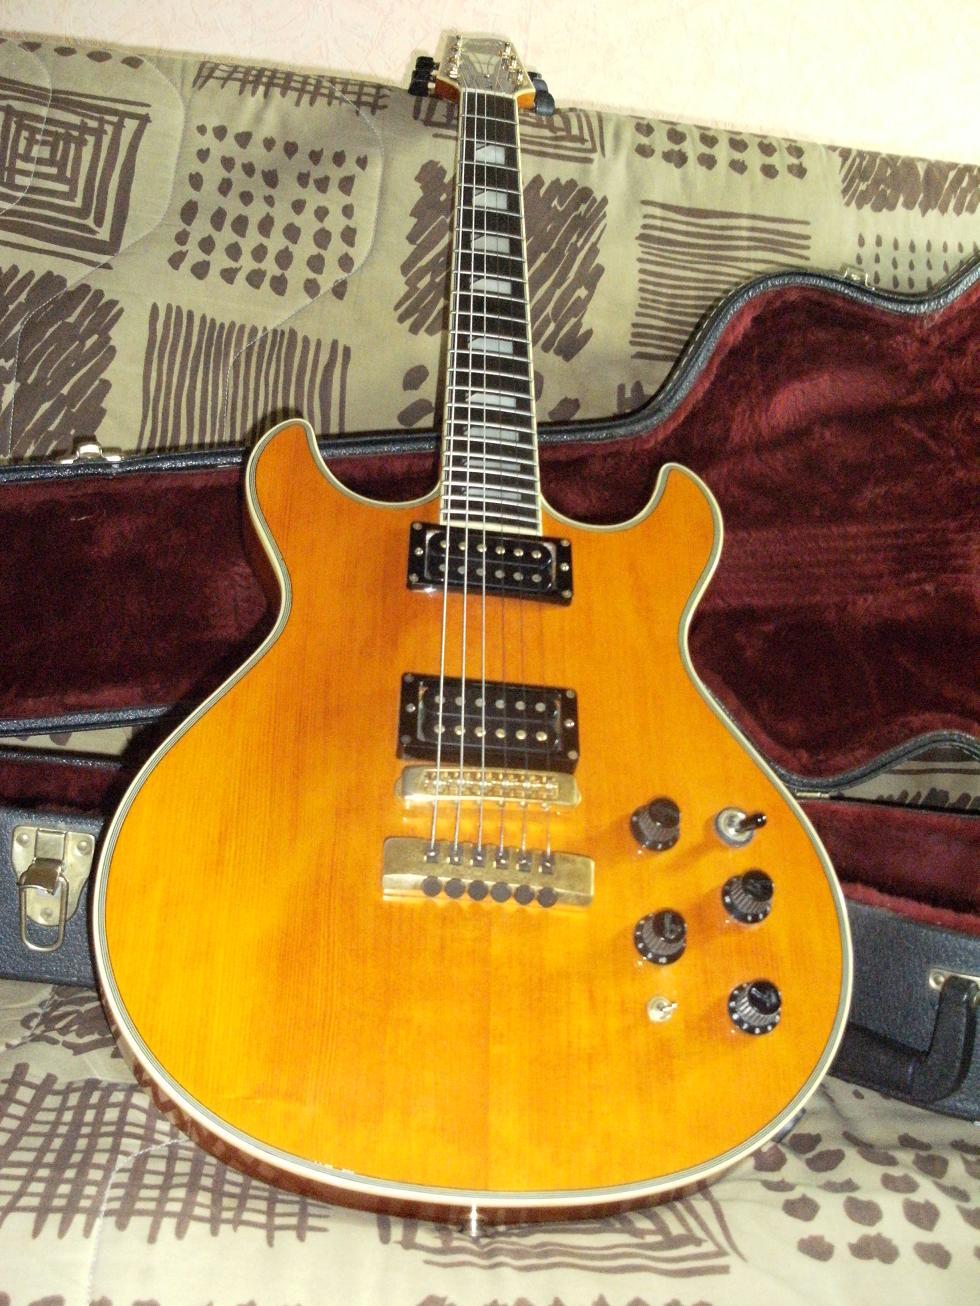 Fender Robben Ford Esprit Image 283844 Audiofanzine